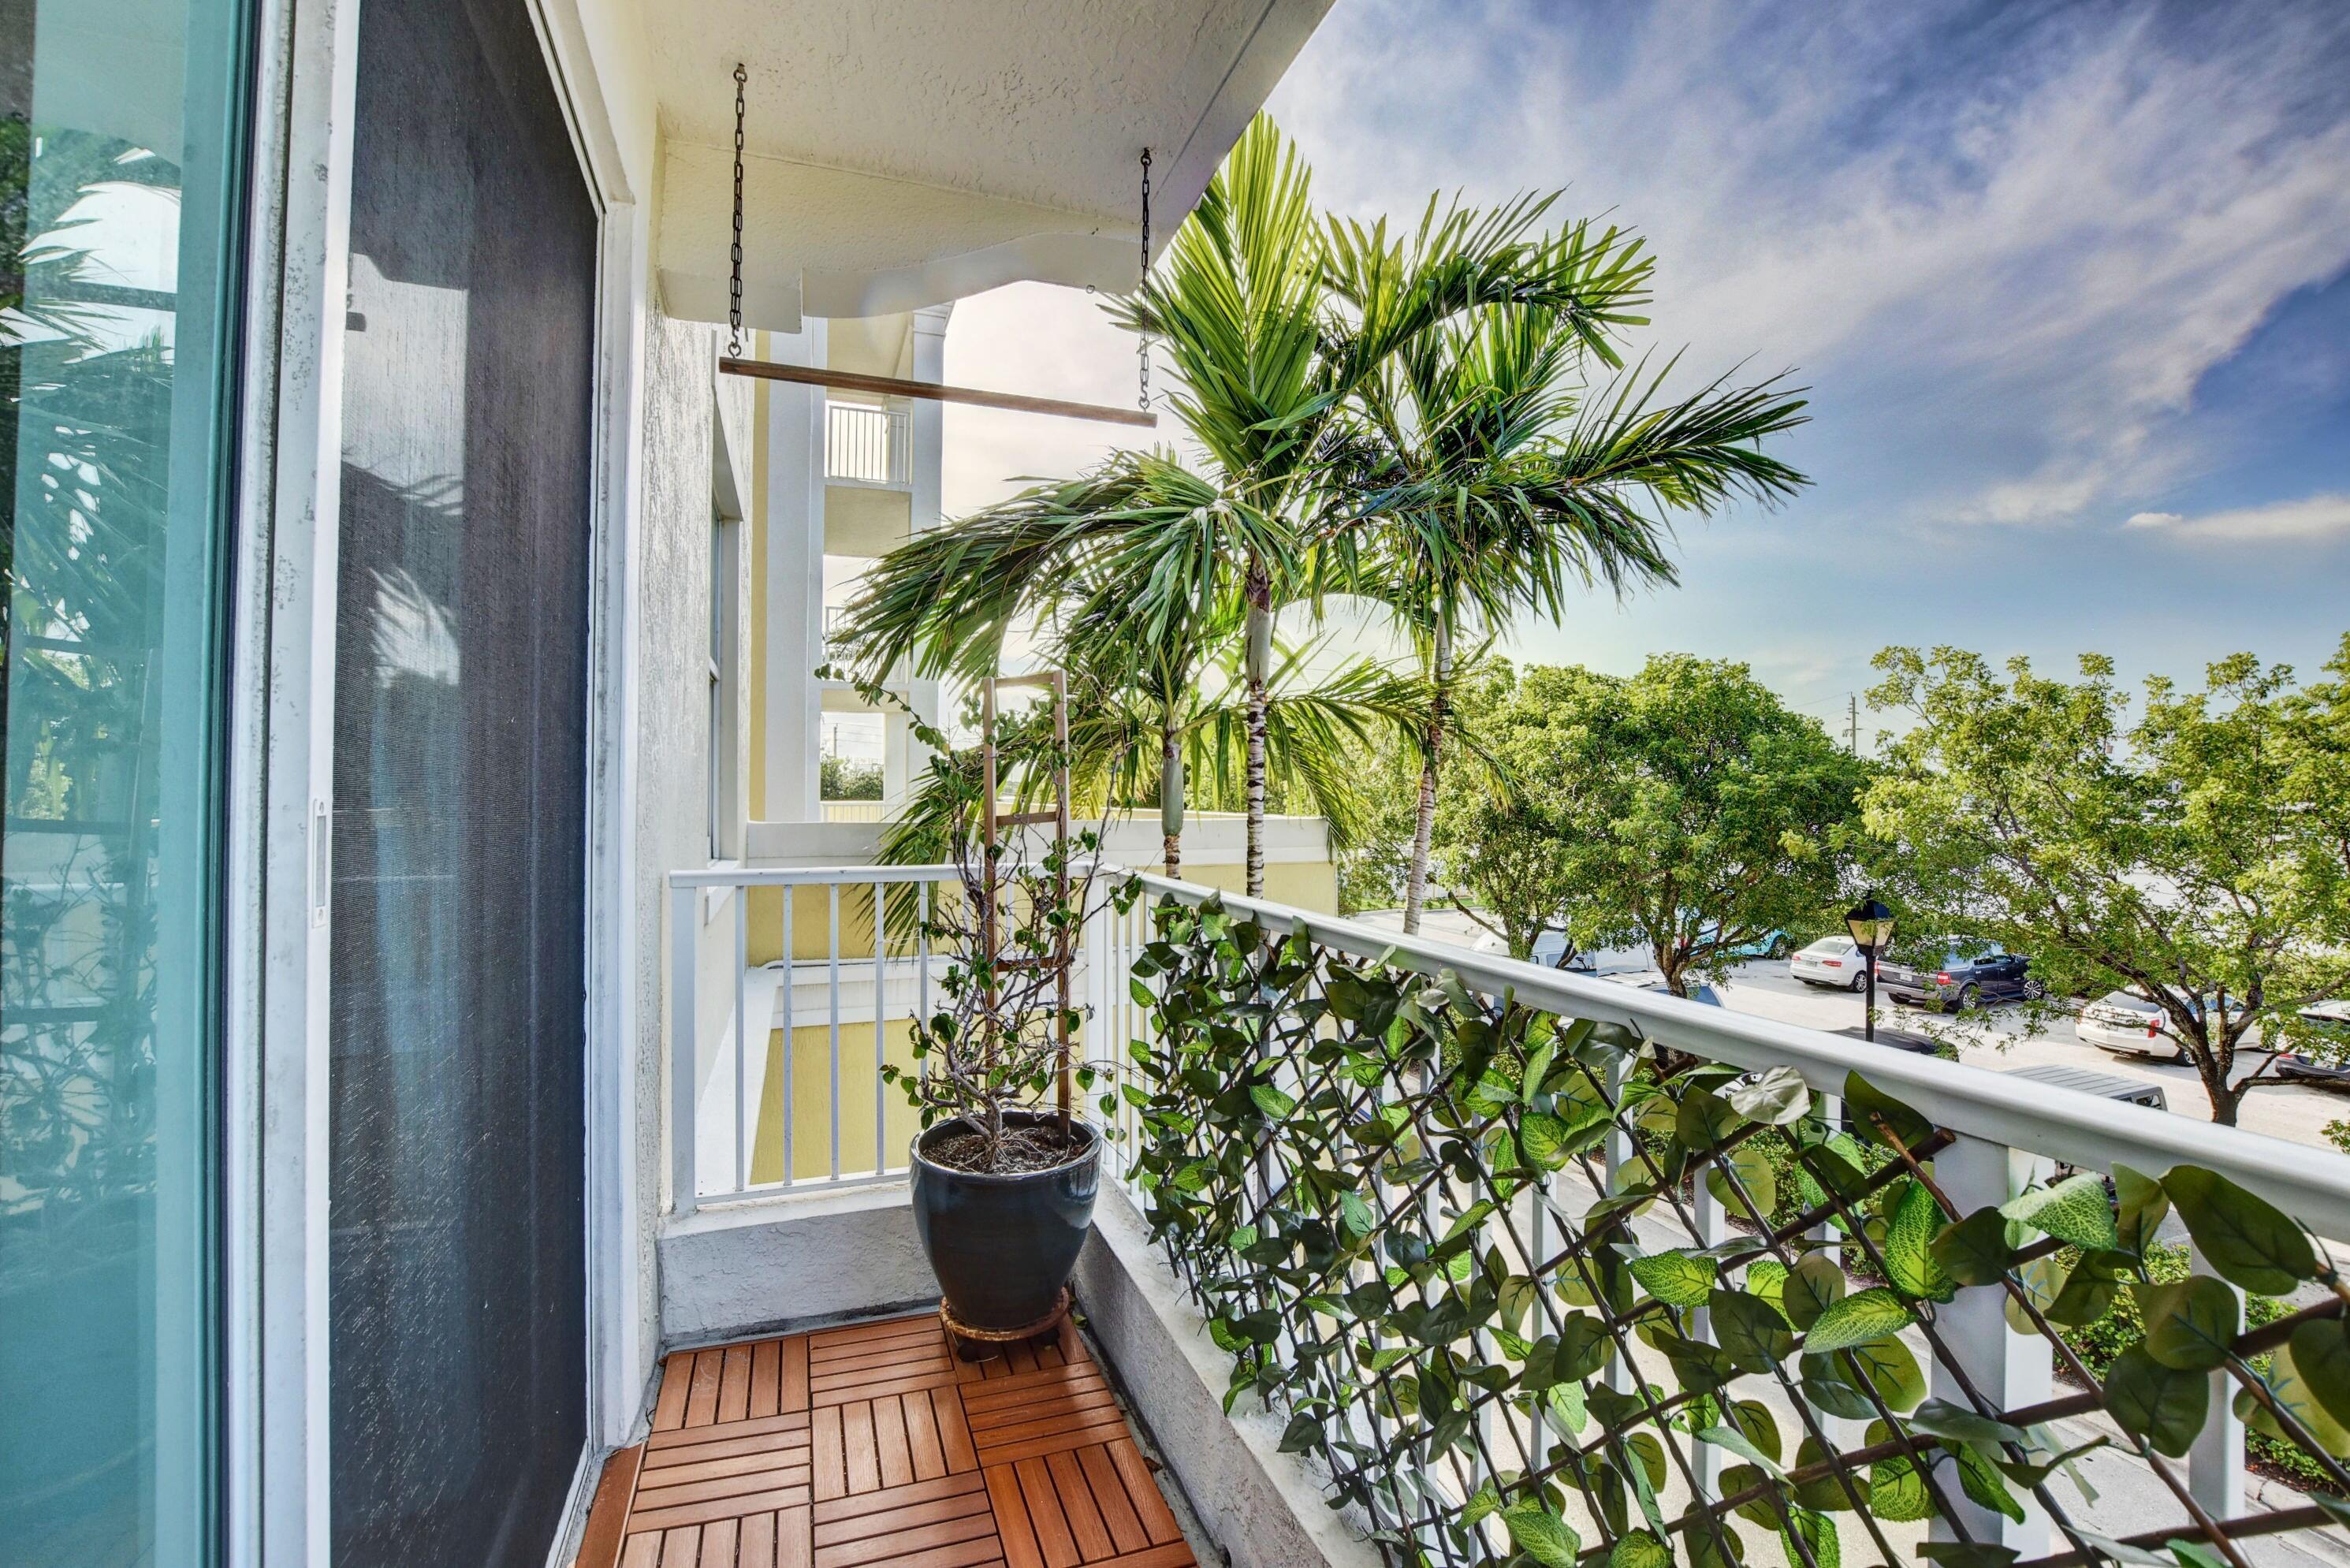 6.2 Balcony